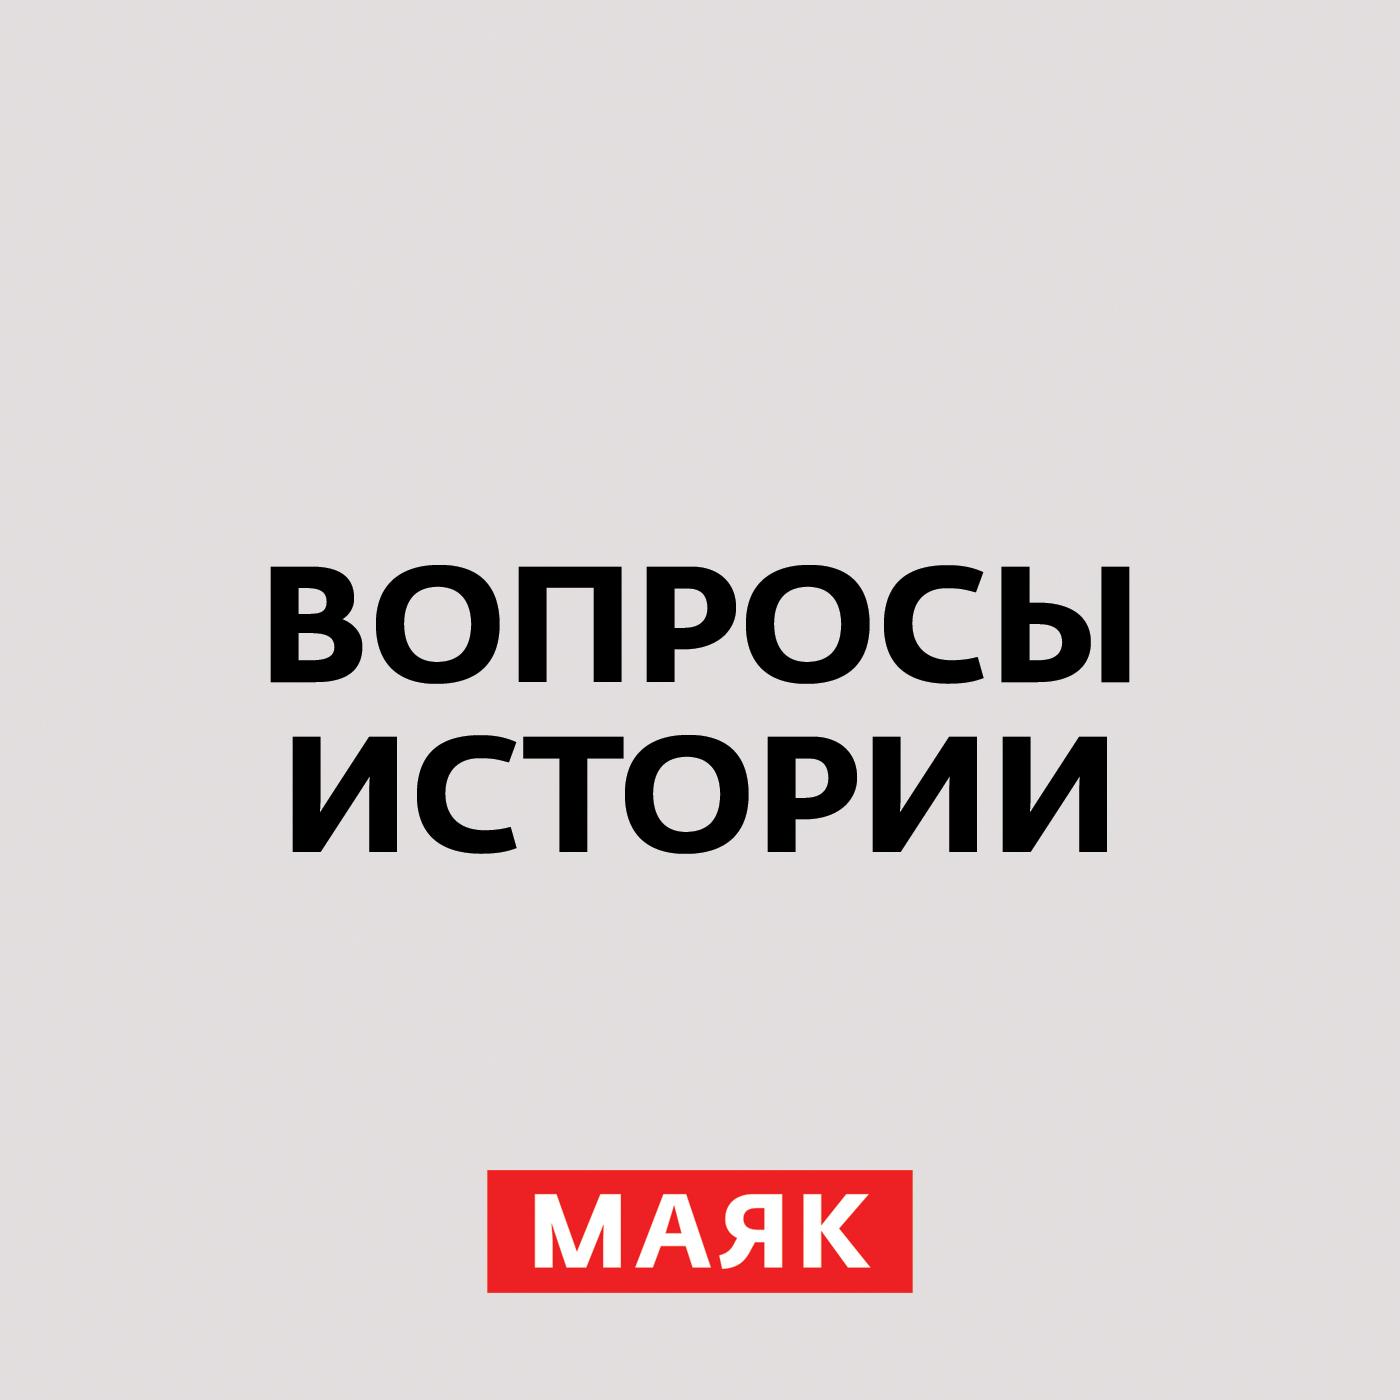 Андрей Светенко Червона Русь: история и судьба